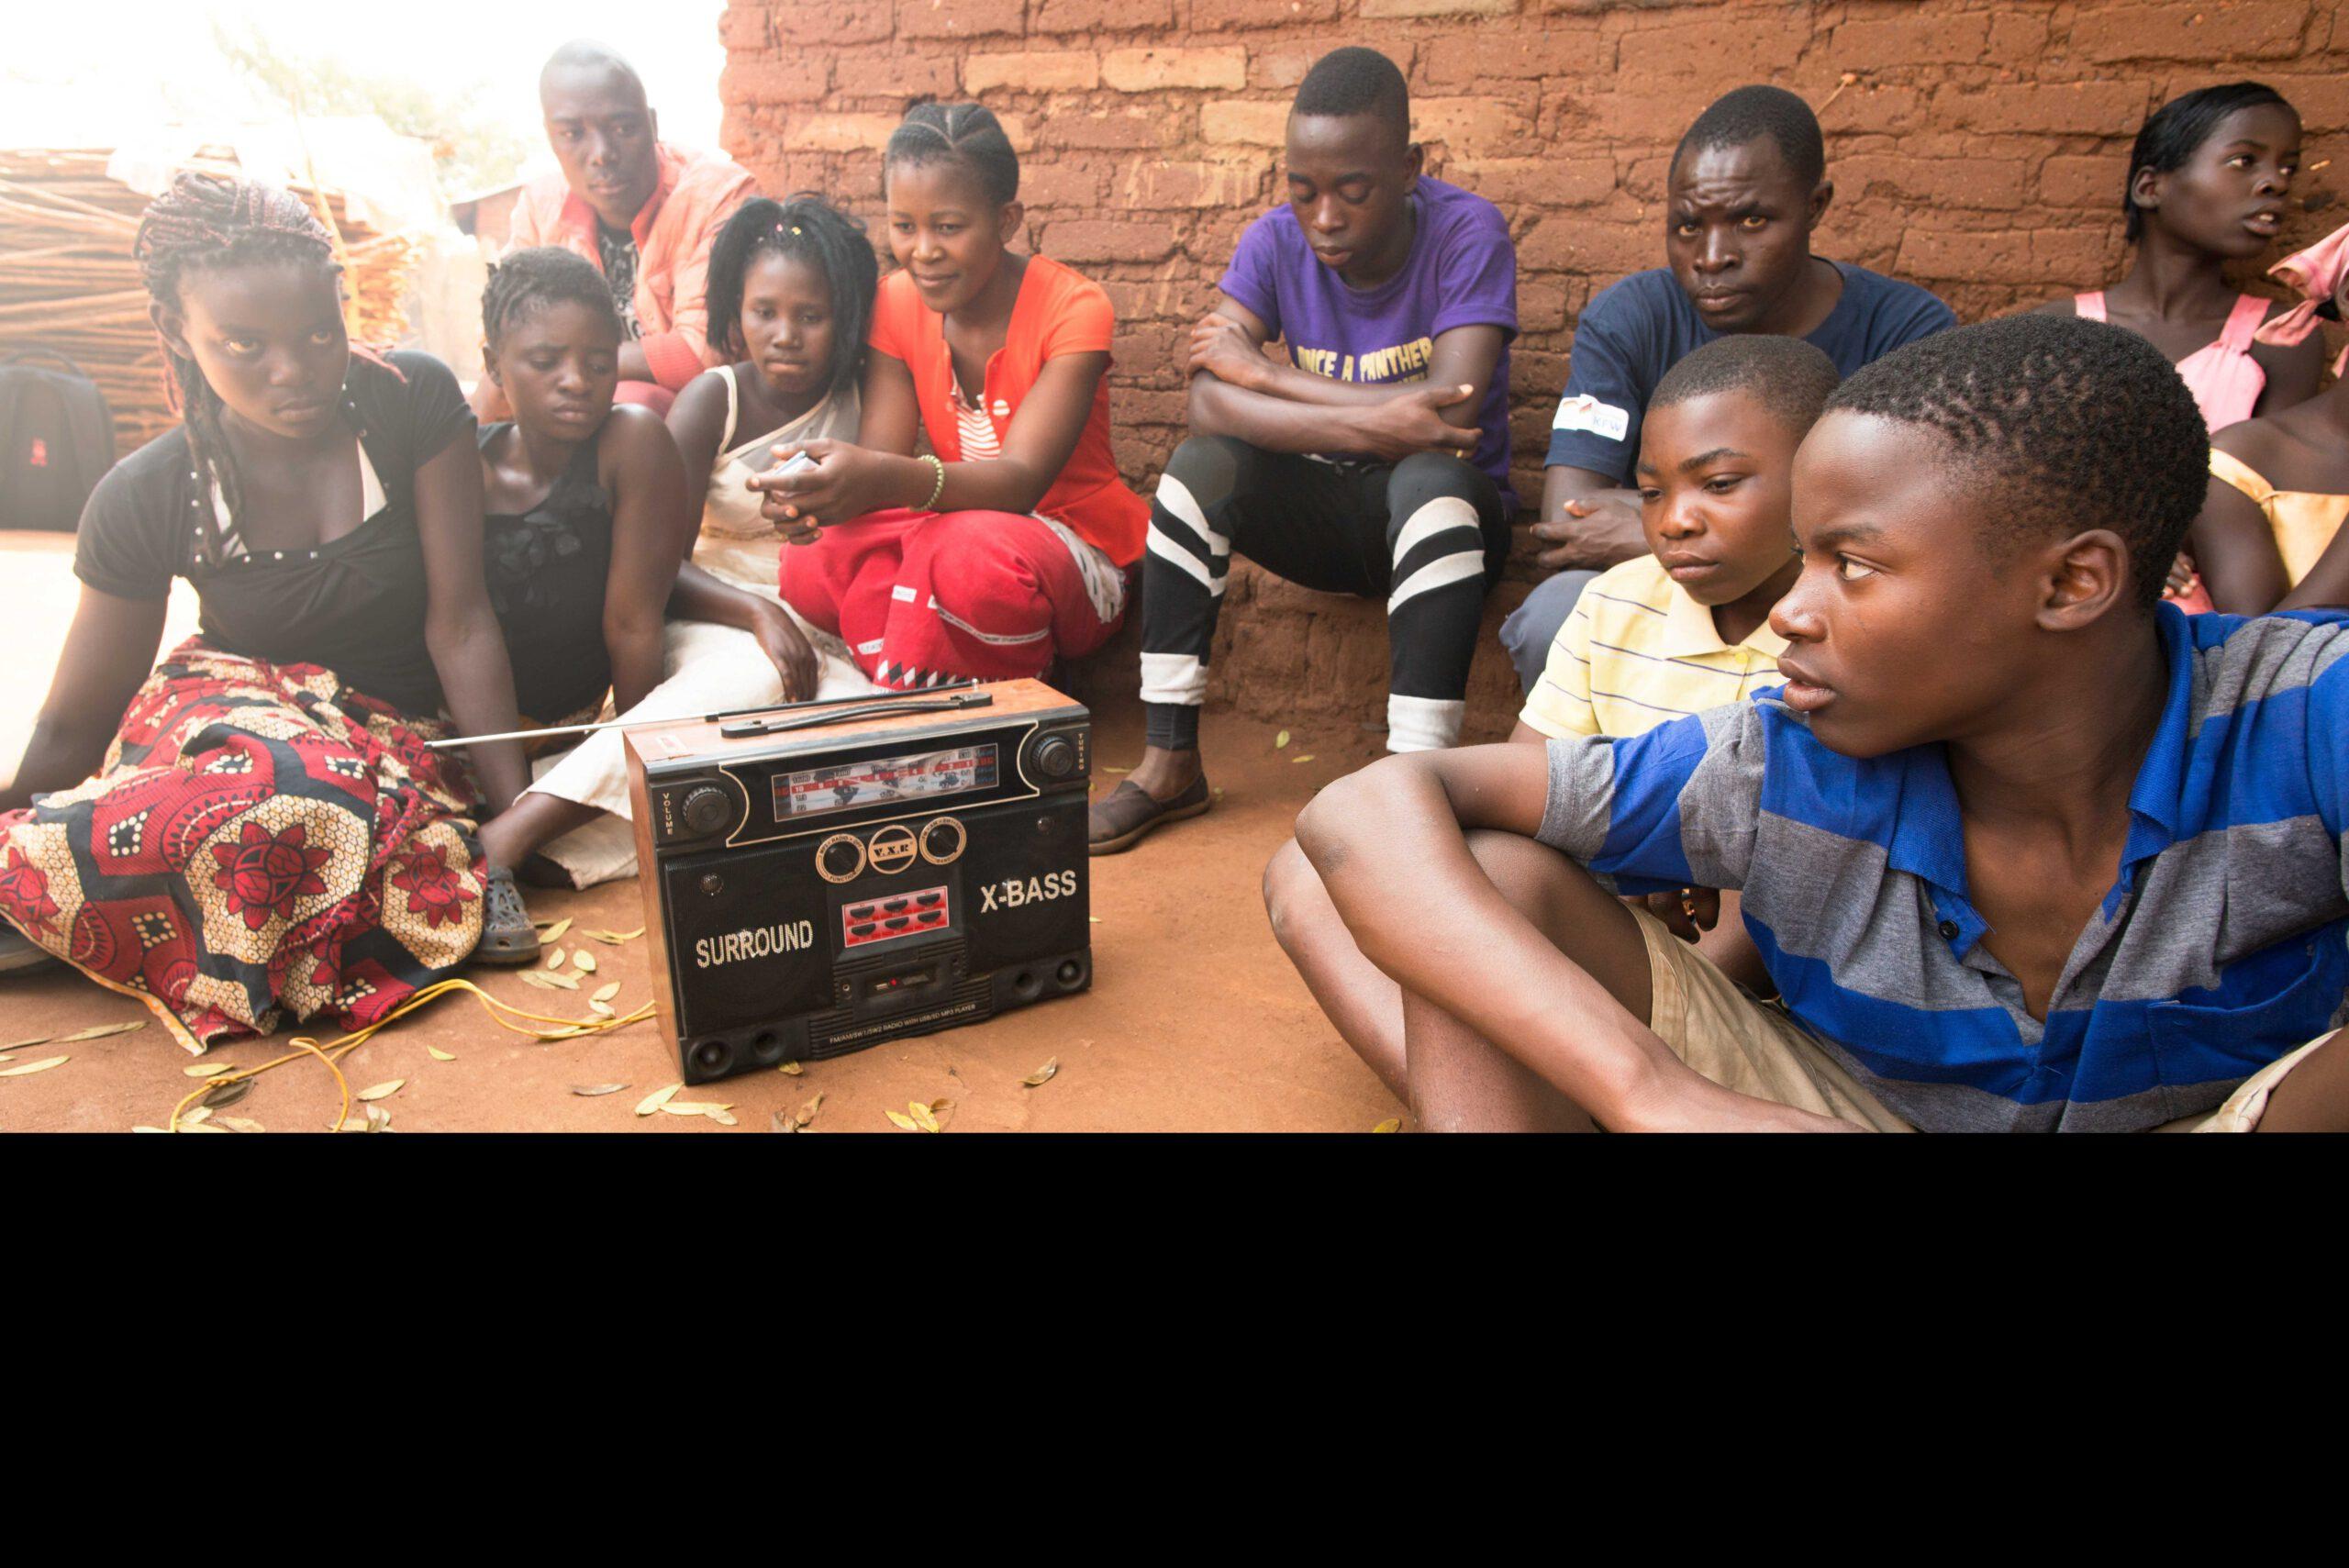 GNO0498_Corona-Hilfe Radiogeräte_Plan International_Bild stammt aus einem ähnlichen Plan-Projekt in Malawi_Bild1